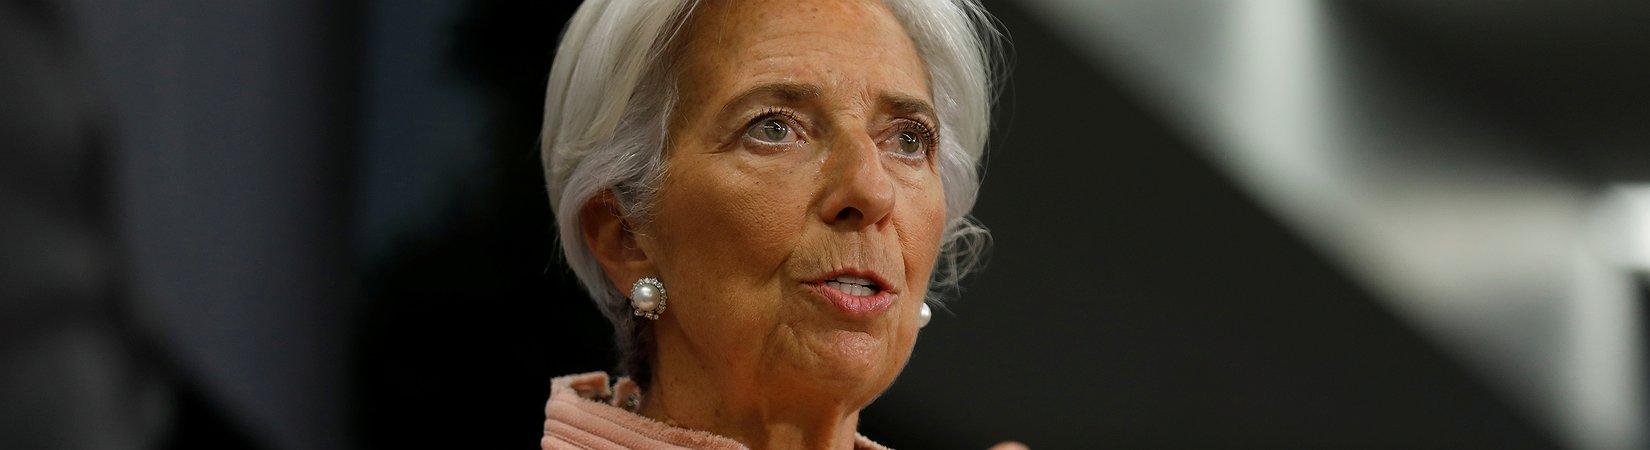 El FMI publicará su primer pronóstico económico desde el comienzo de la presidencia de Trump